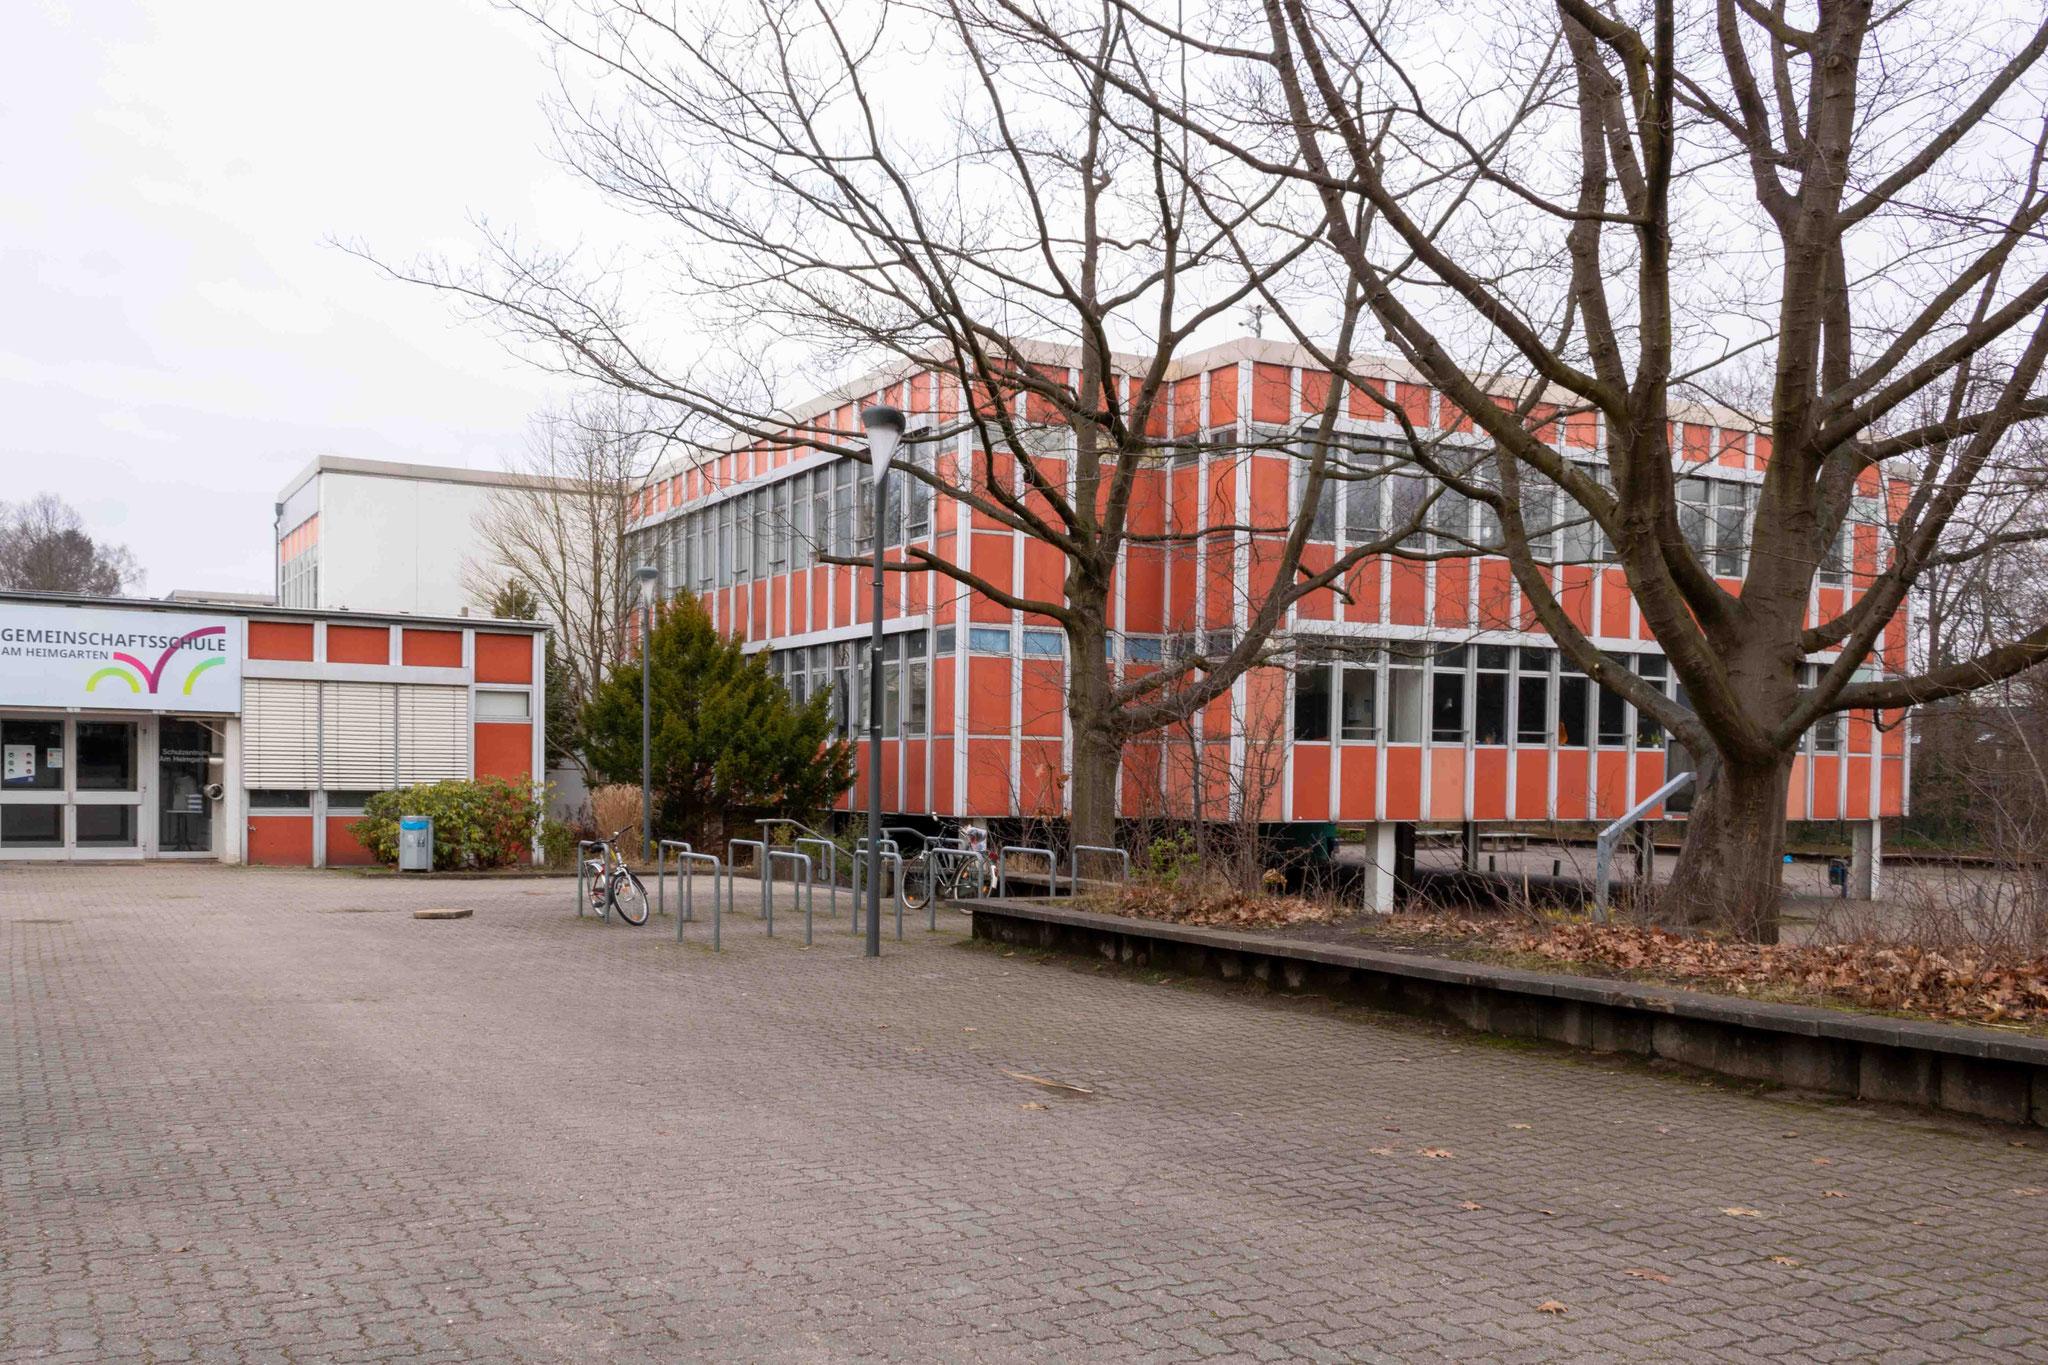 Gemeinschaftsschule Am Heimgarten